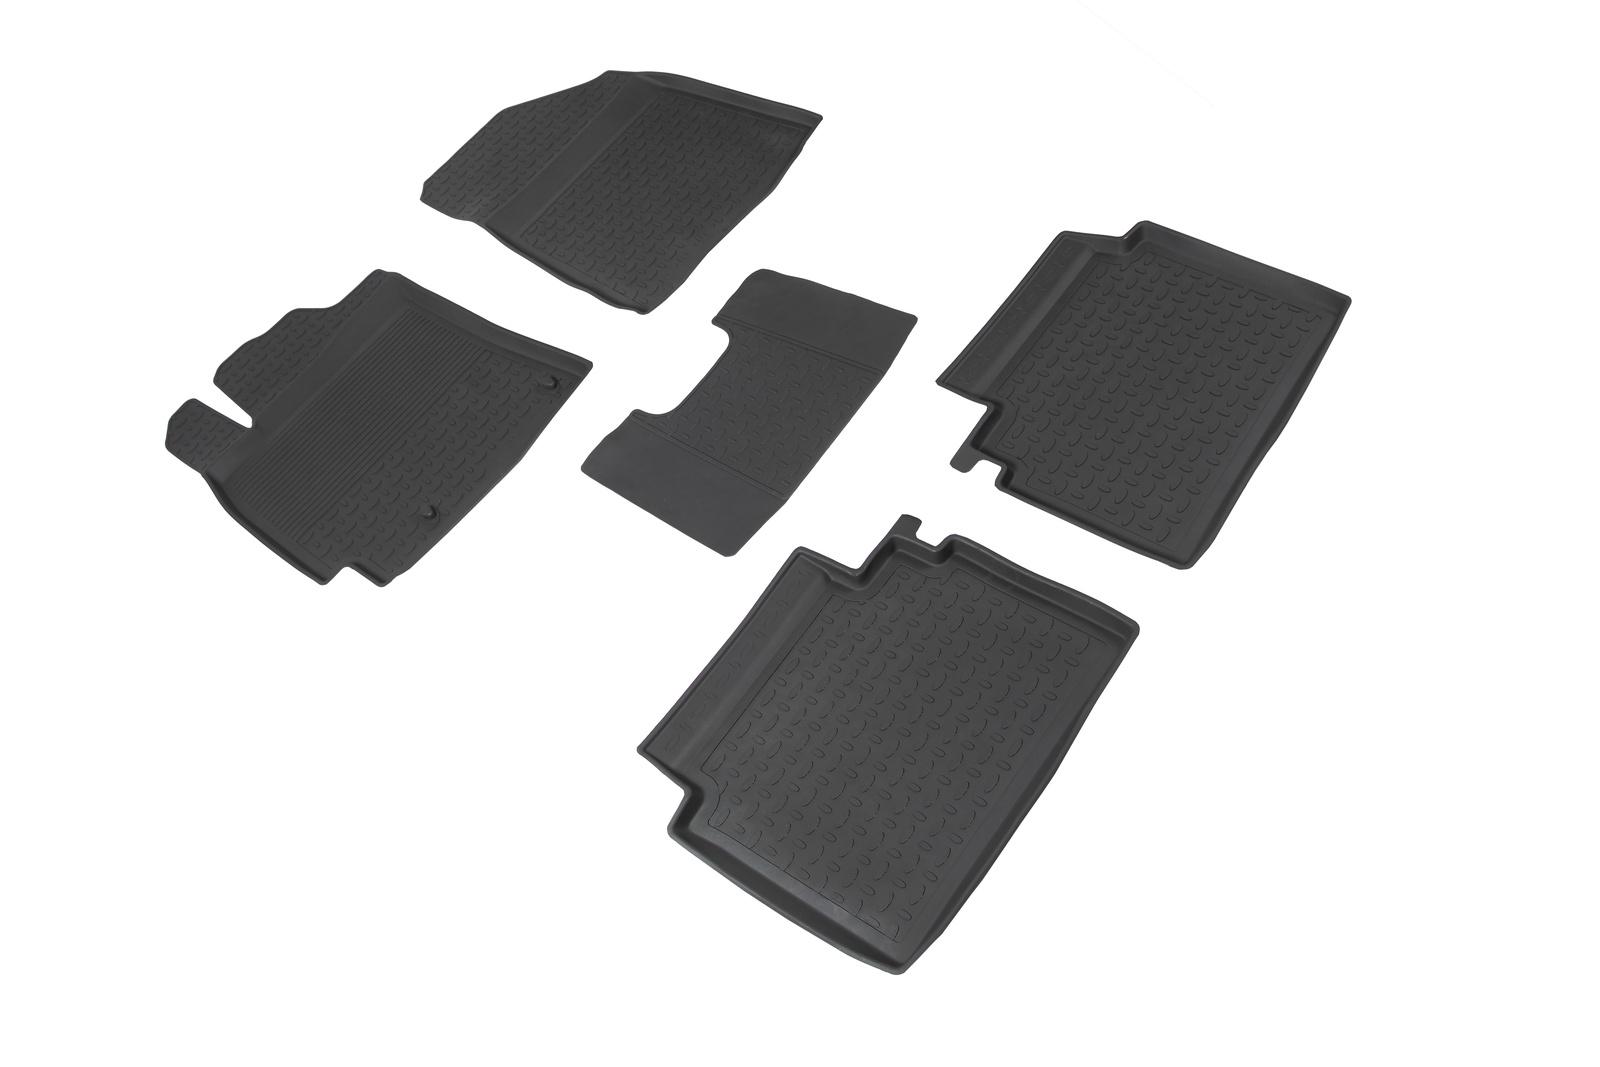 игровые коврики Коврики в салон автомобиля Seintex Резиновые коврики с высоким бортом для KIA Cerato IV 2018-н.в.